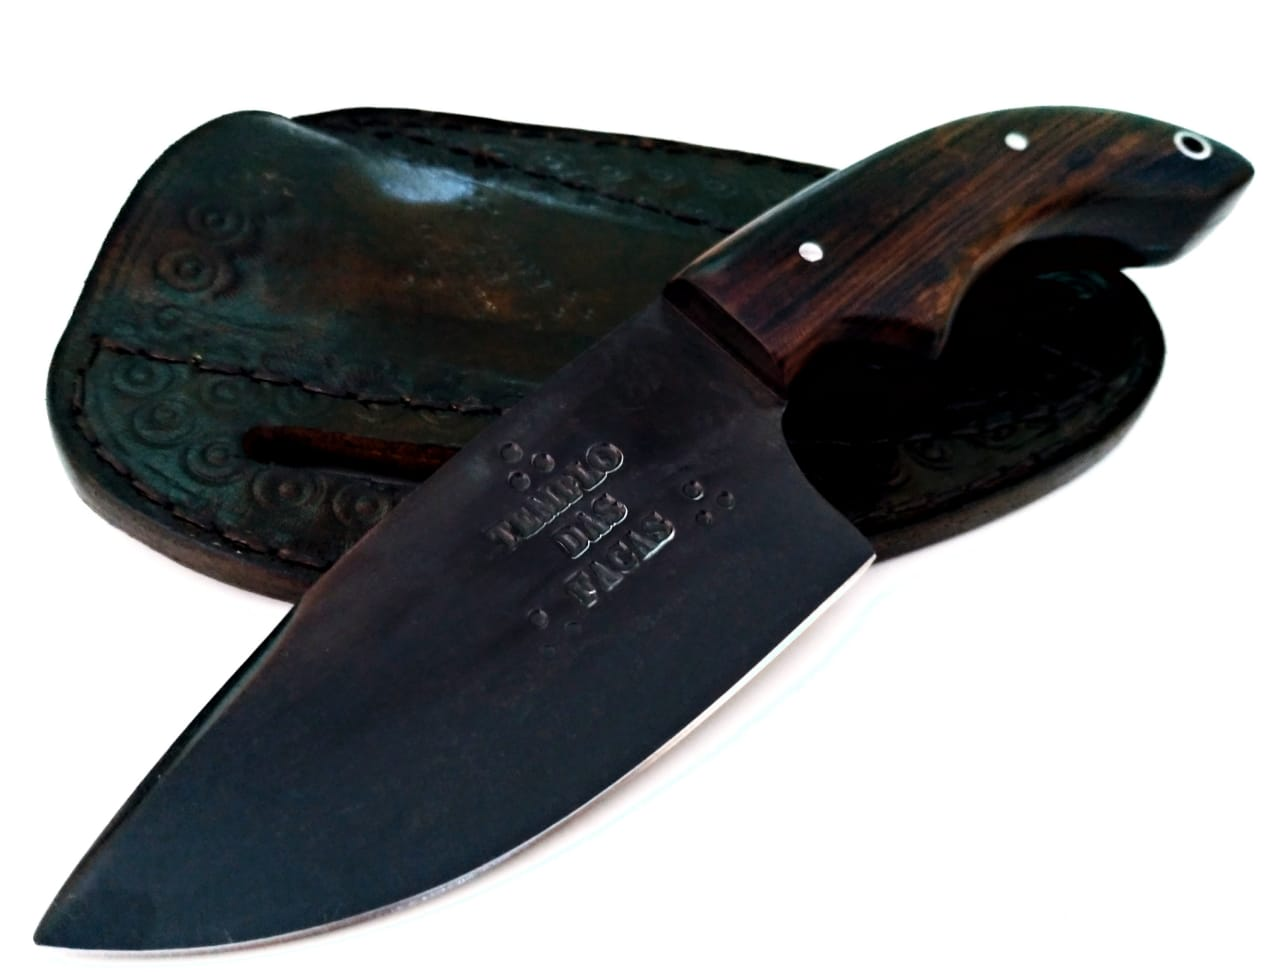 Faca artesanal skinner forjada em aço carbono 3,5 polegadas